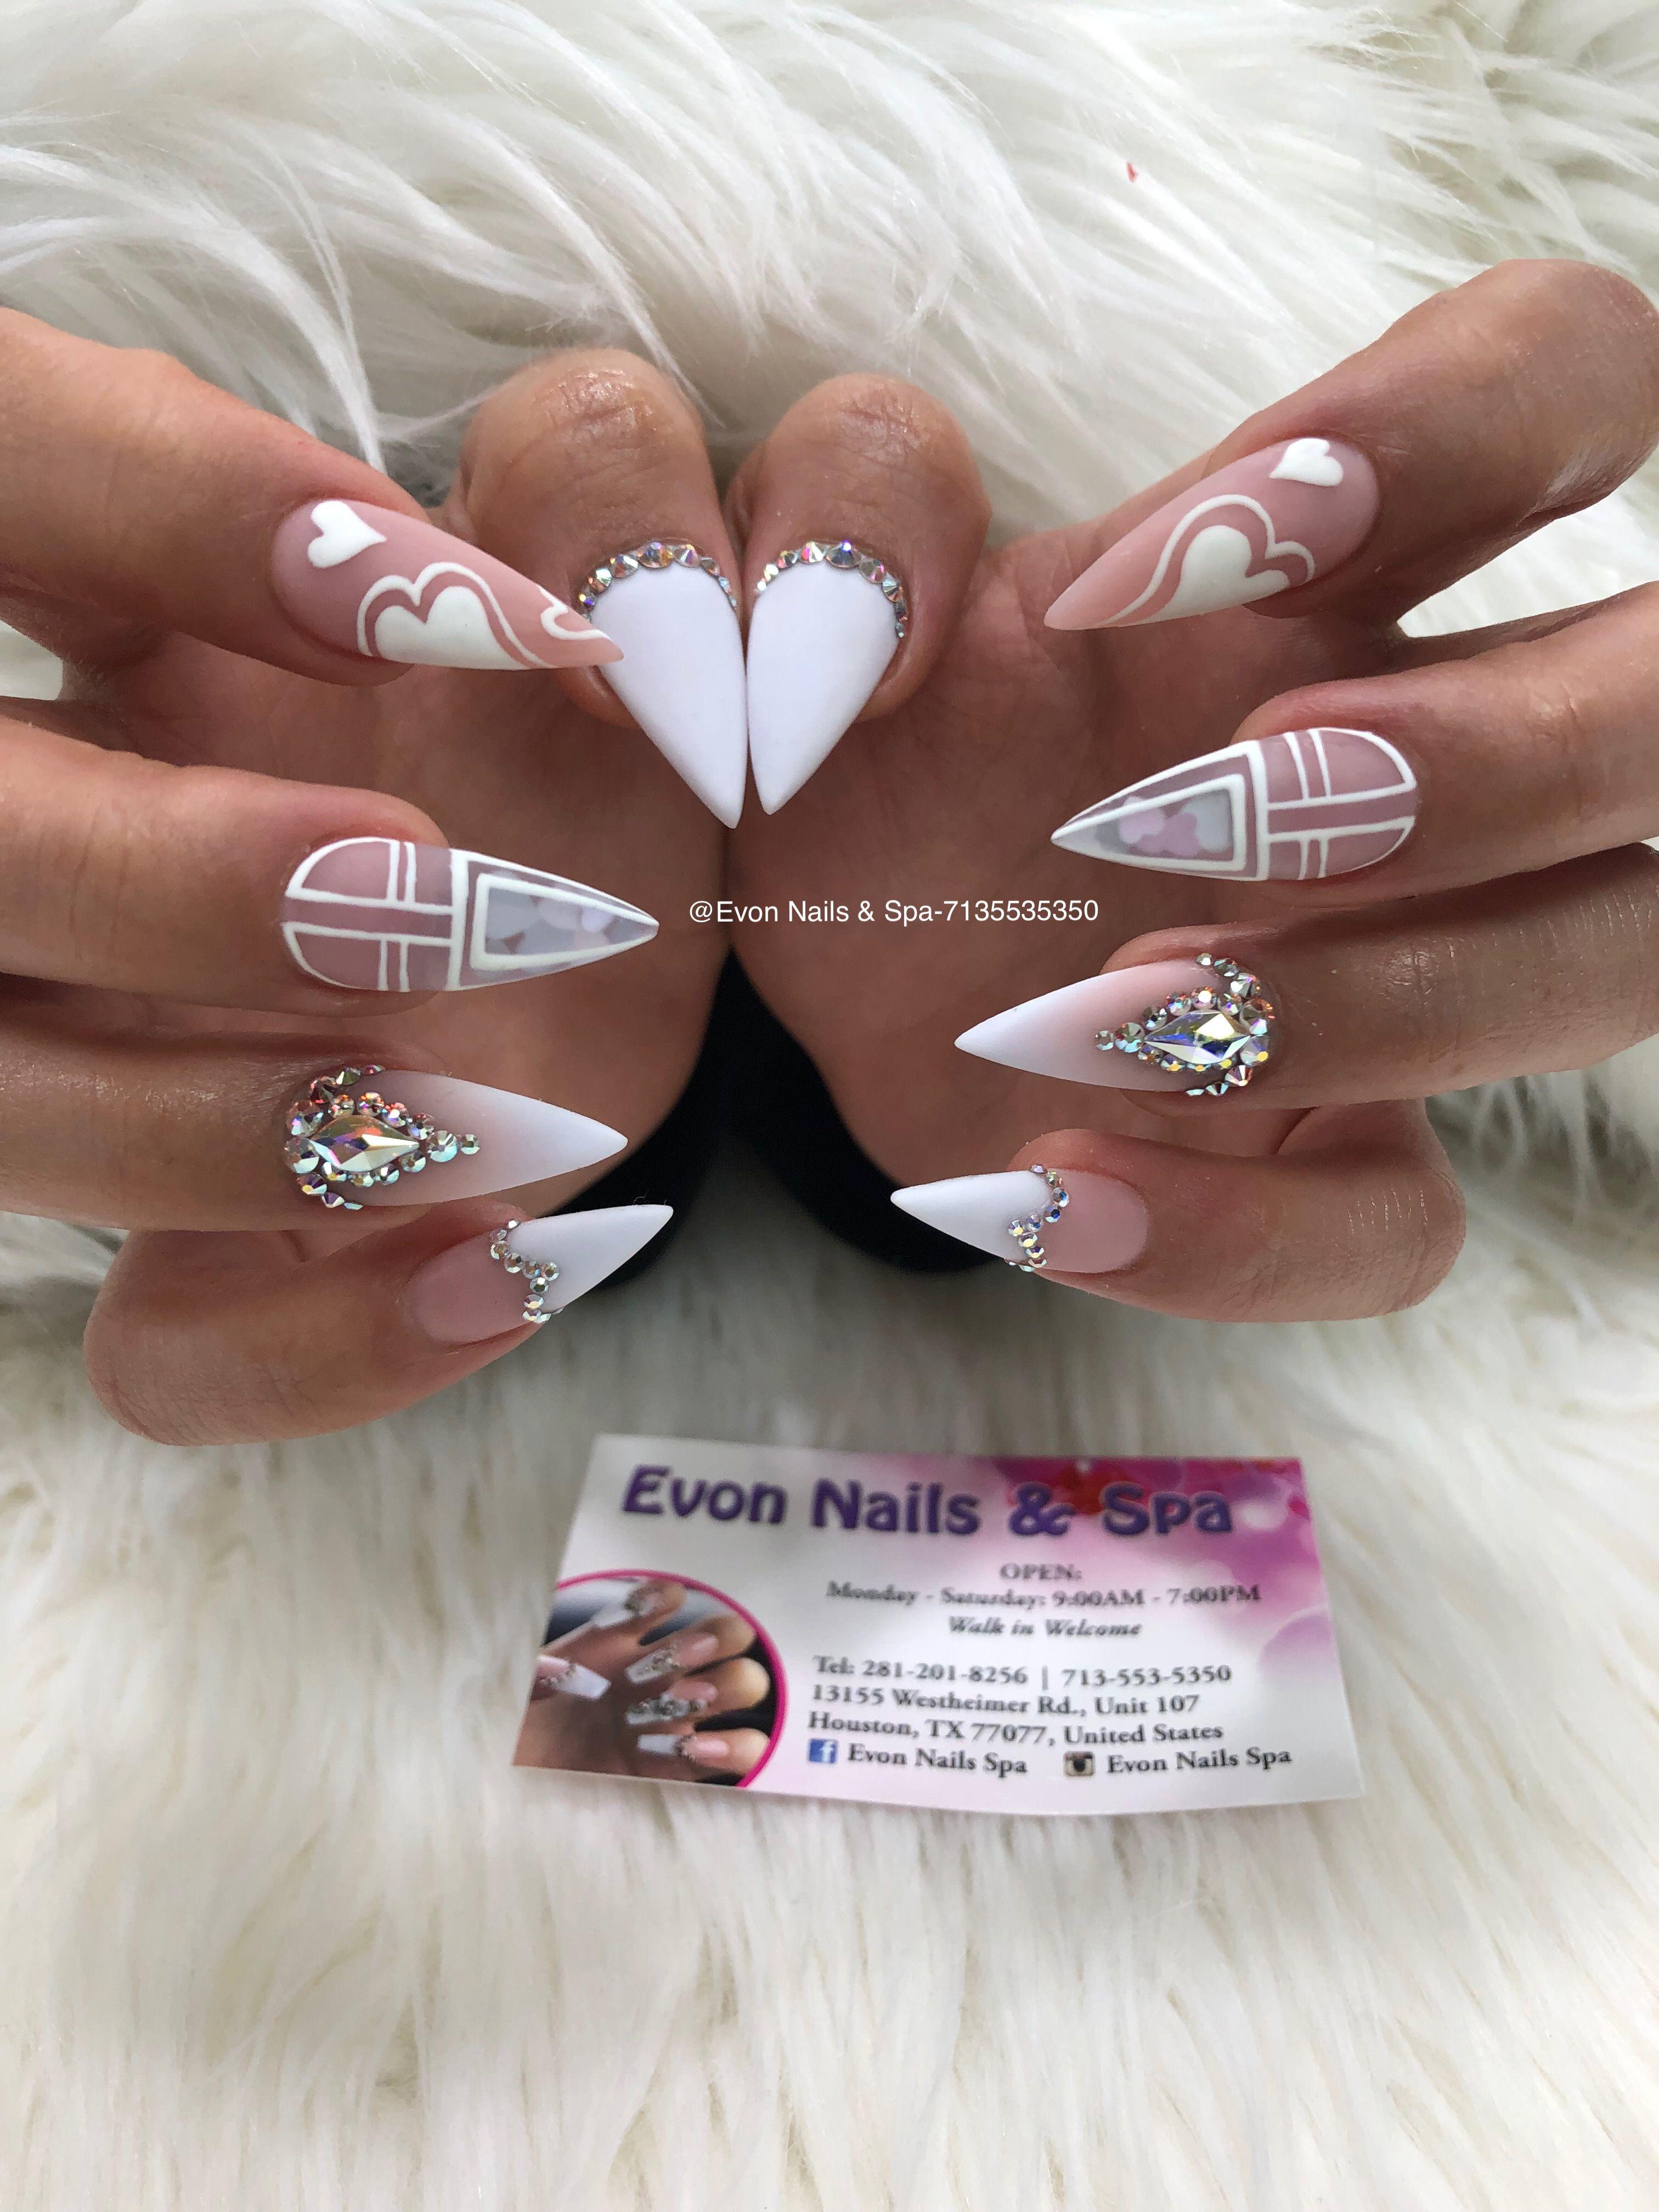 Pin By Evon Nails Spa On Evon Nails Spa Valentine Nail Art